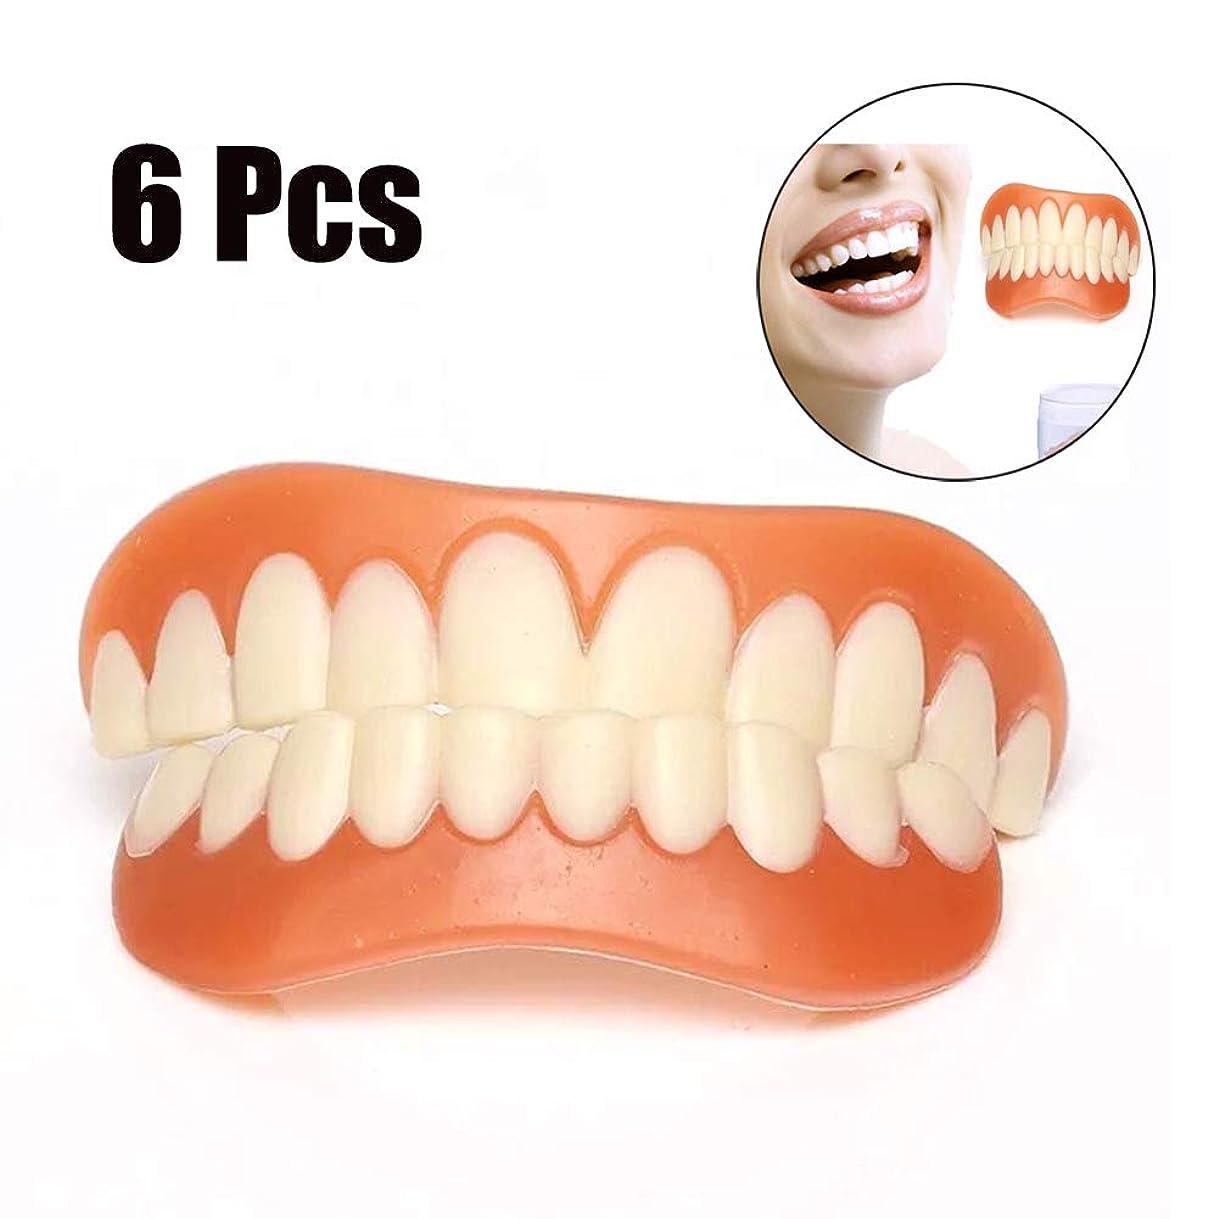 音節説得モジュール6本のベニアの歯、化粧品の歯3ペア - インスタントスマイルコンフォートフィットフレックス化粧品の歯、ワンサイズ、快適なトップとボトムベニア